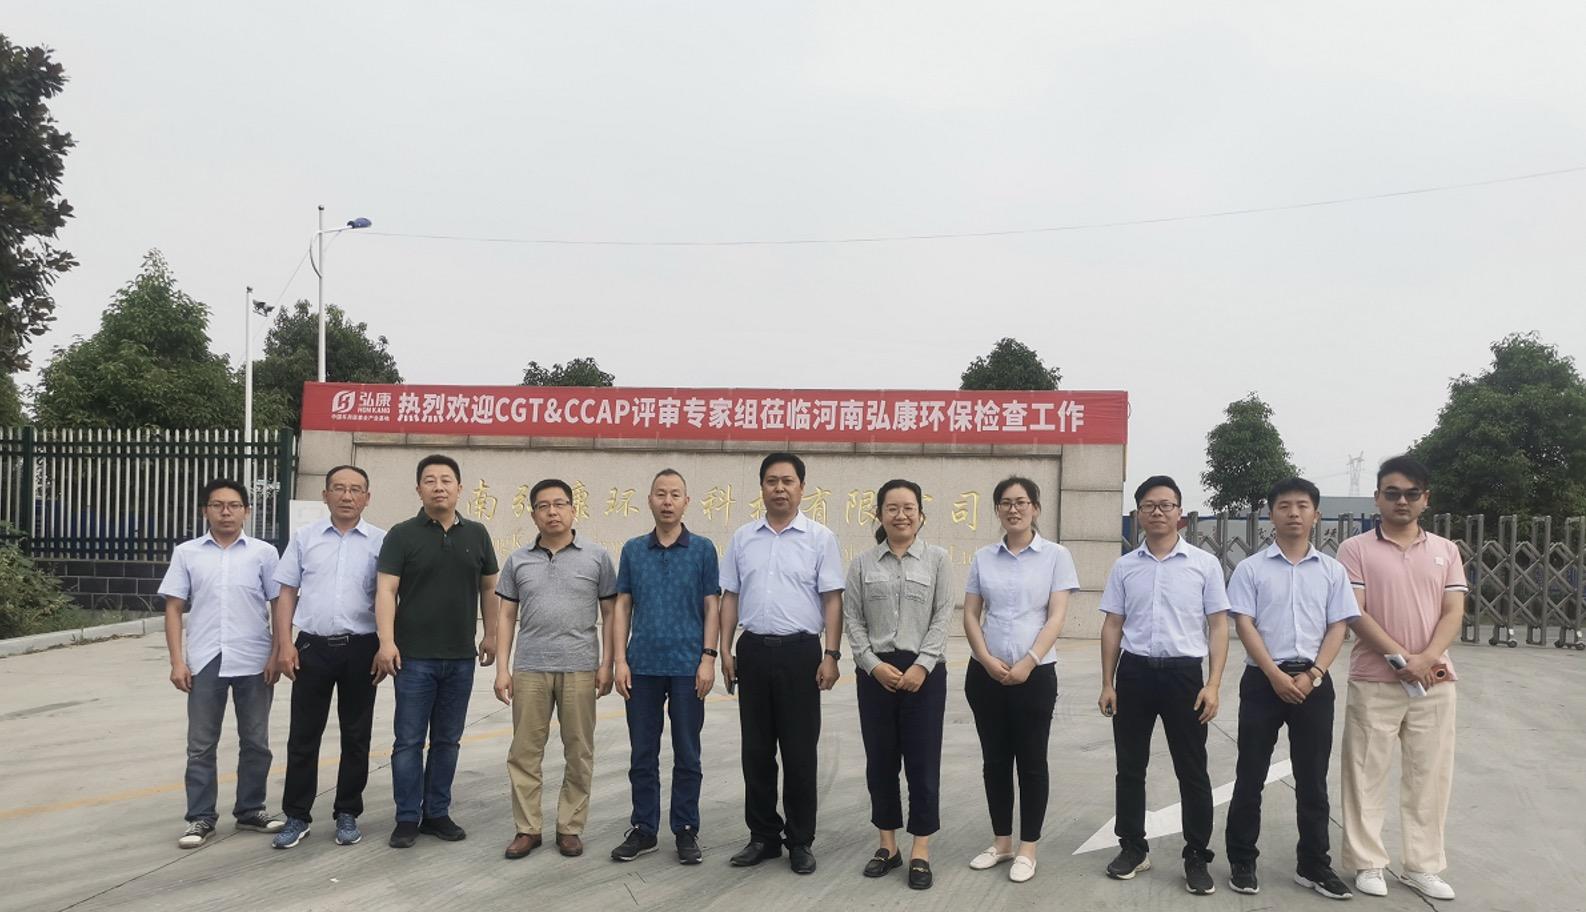 《【沐鸣2娱乐代理】车用尿素水溶液产品CGT&CCAP通过认证》